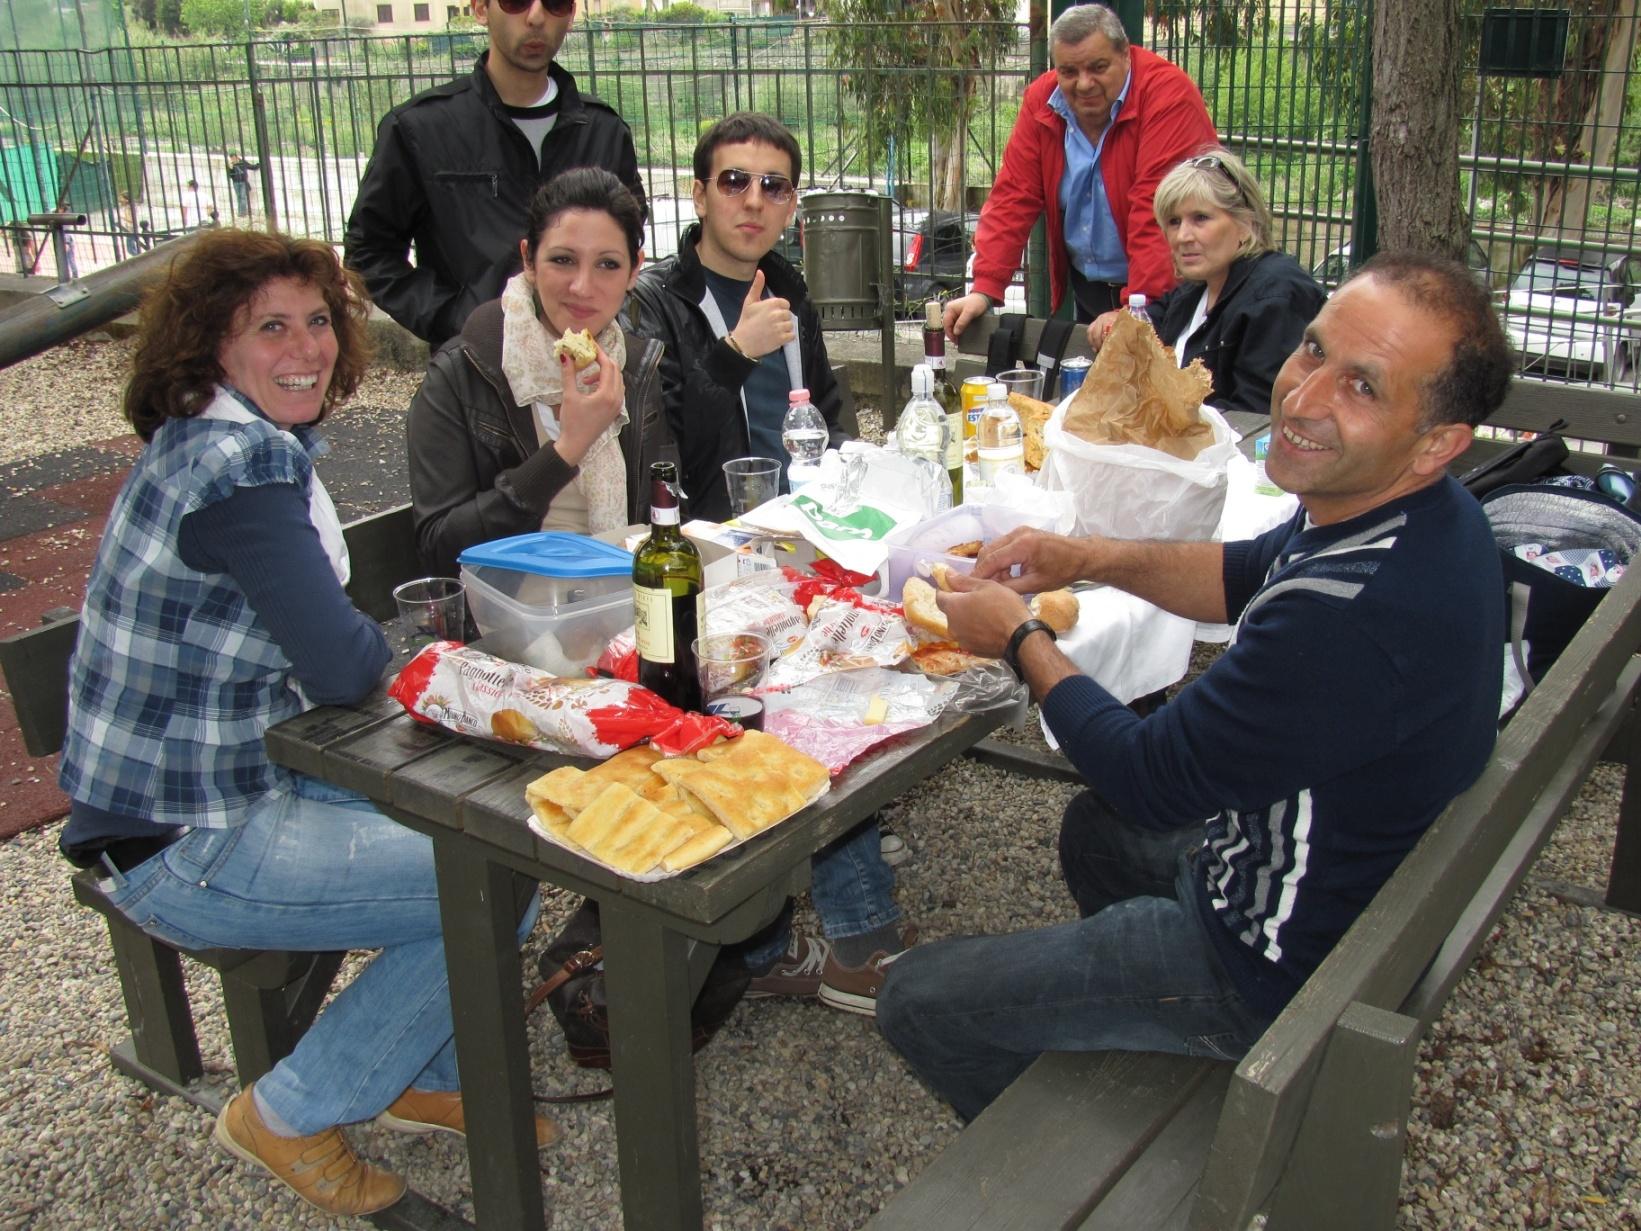 pasquetta_dolceacqua-2011-04-25-13-06-31